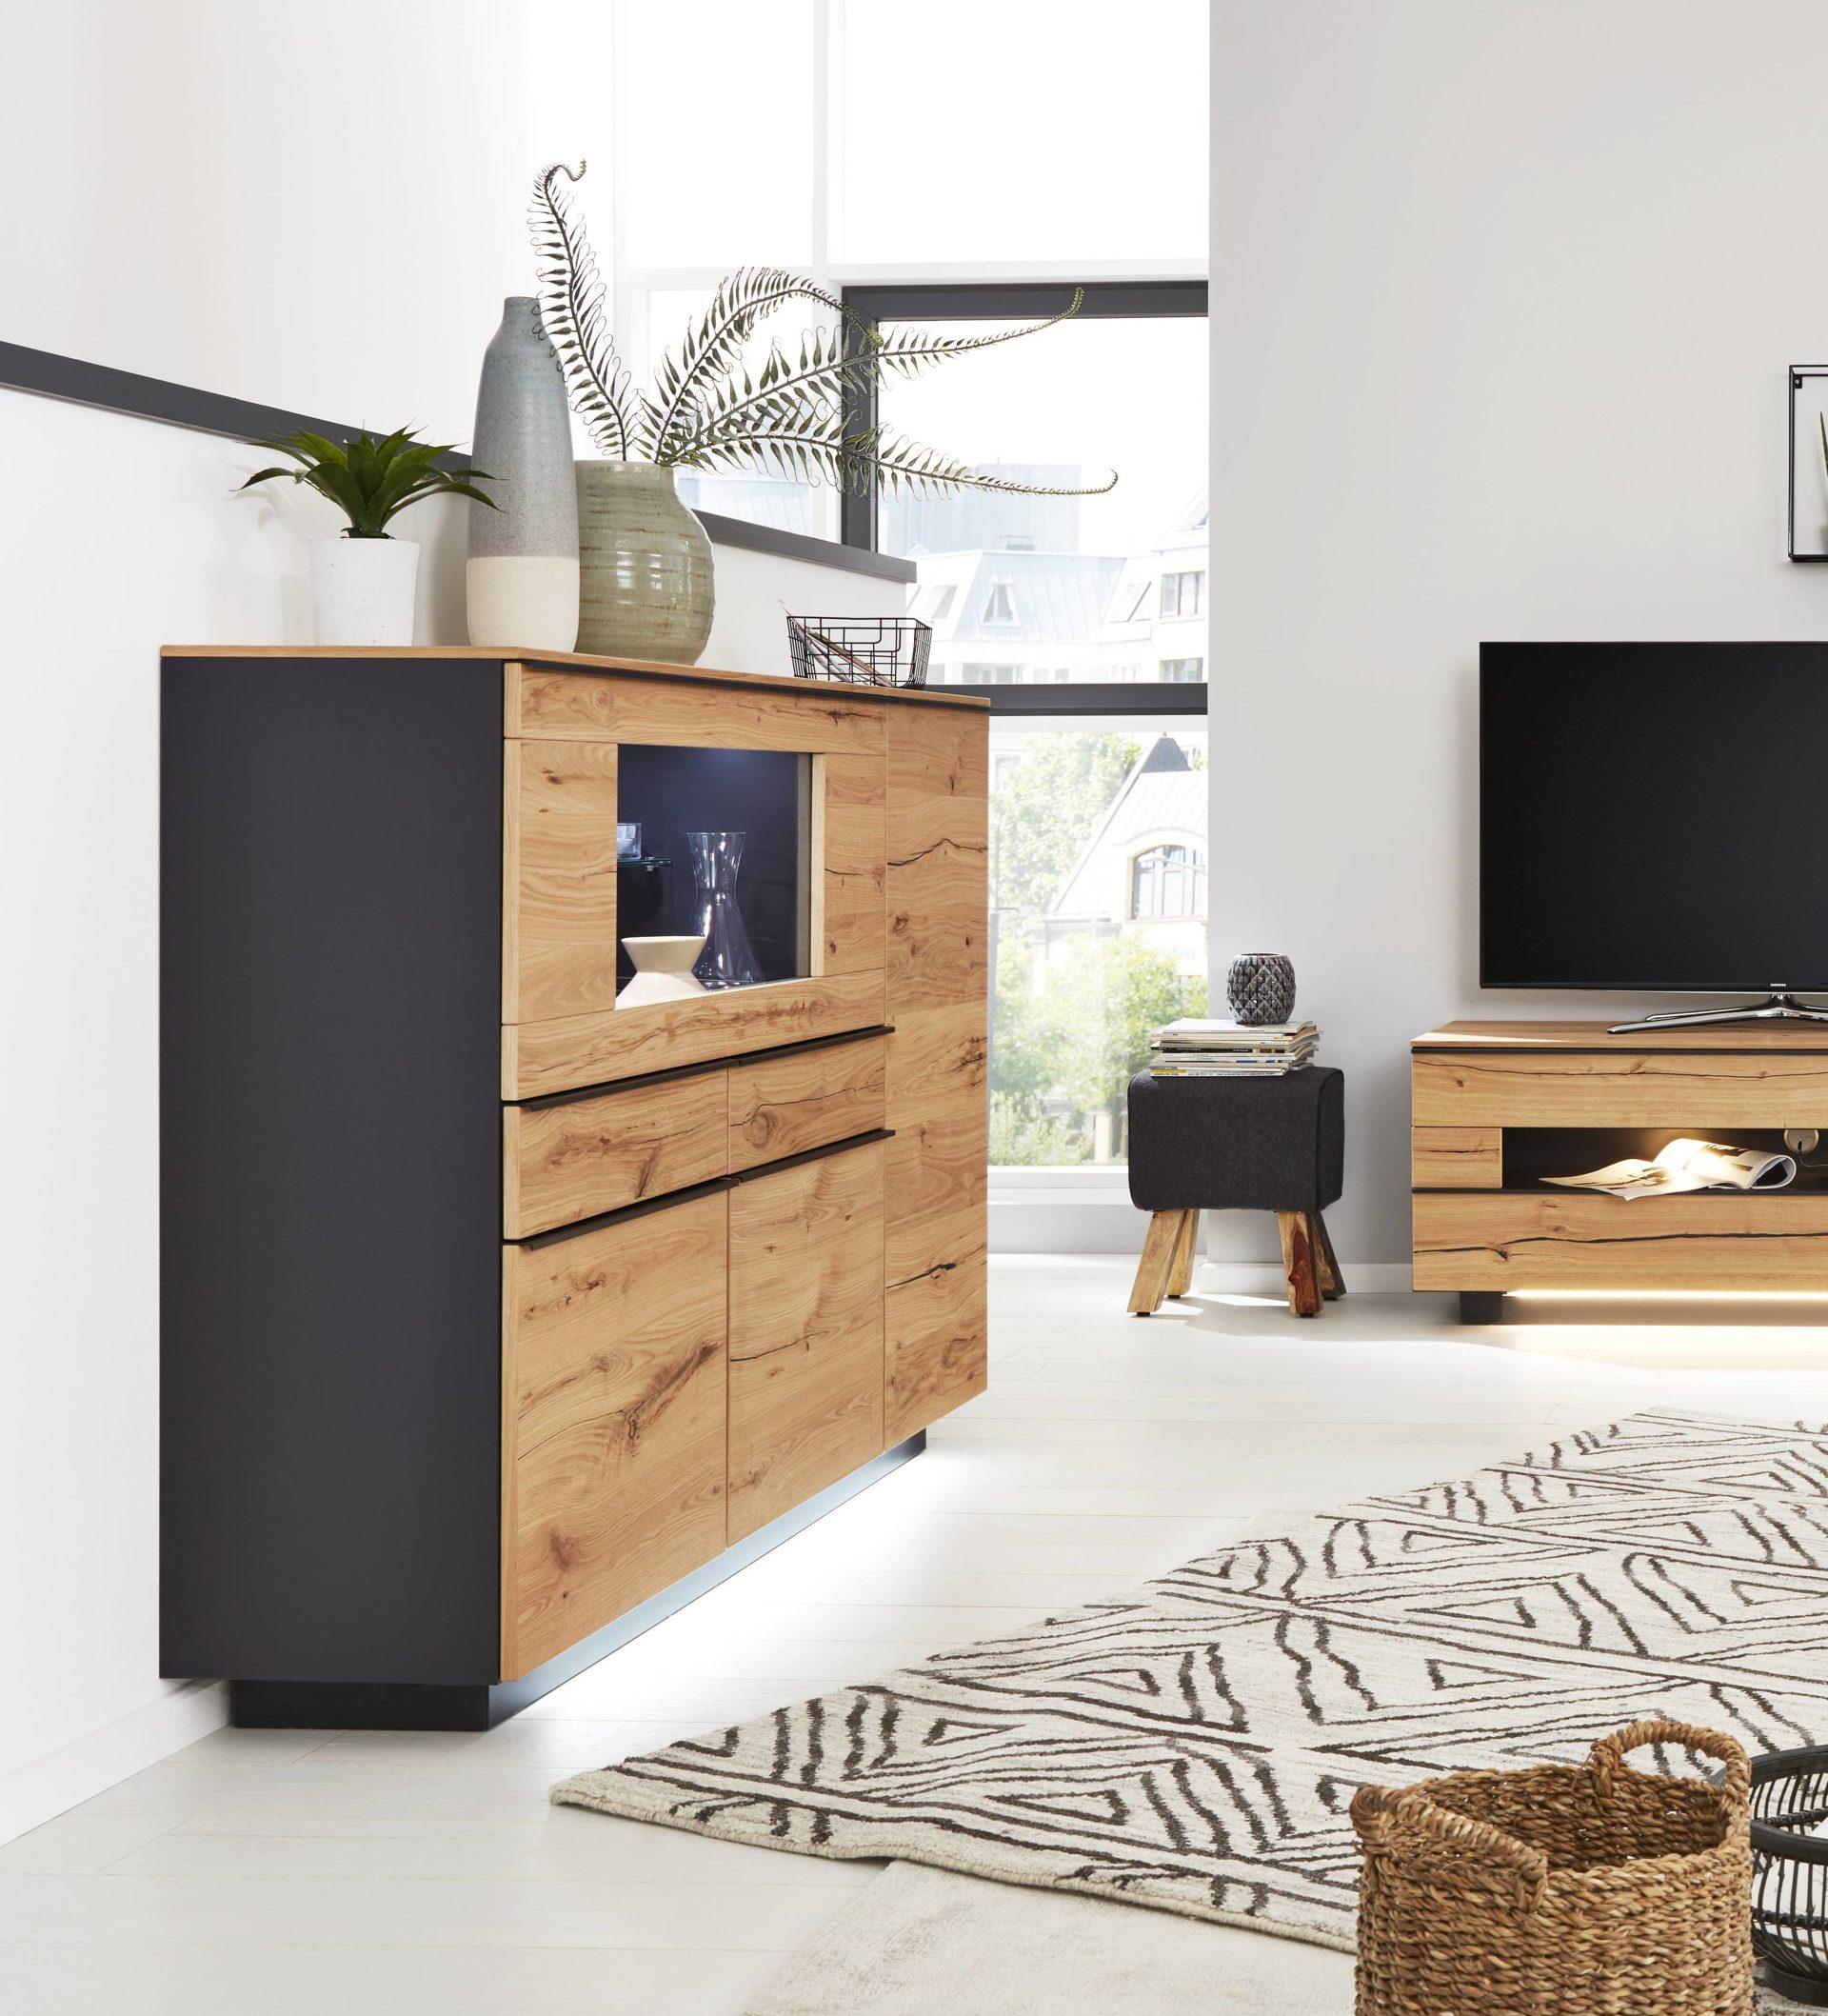 Interliving Wohnzimmer Serie 2103 Highboard 560713 Mit Beleuchtung